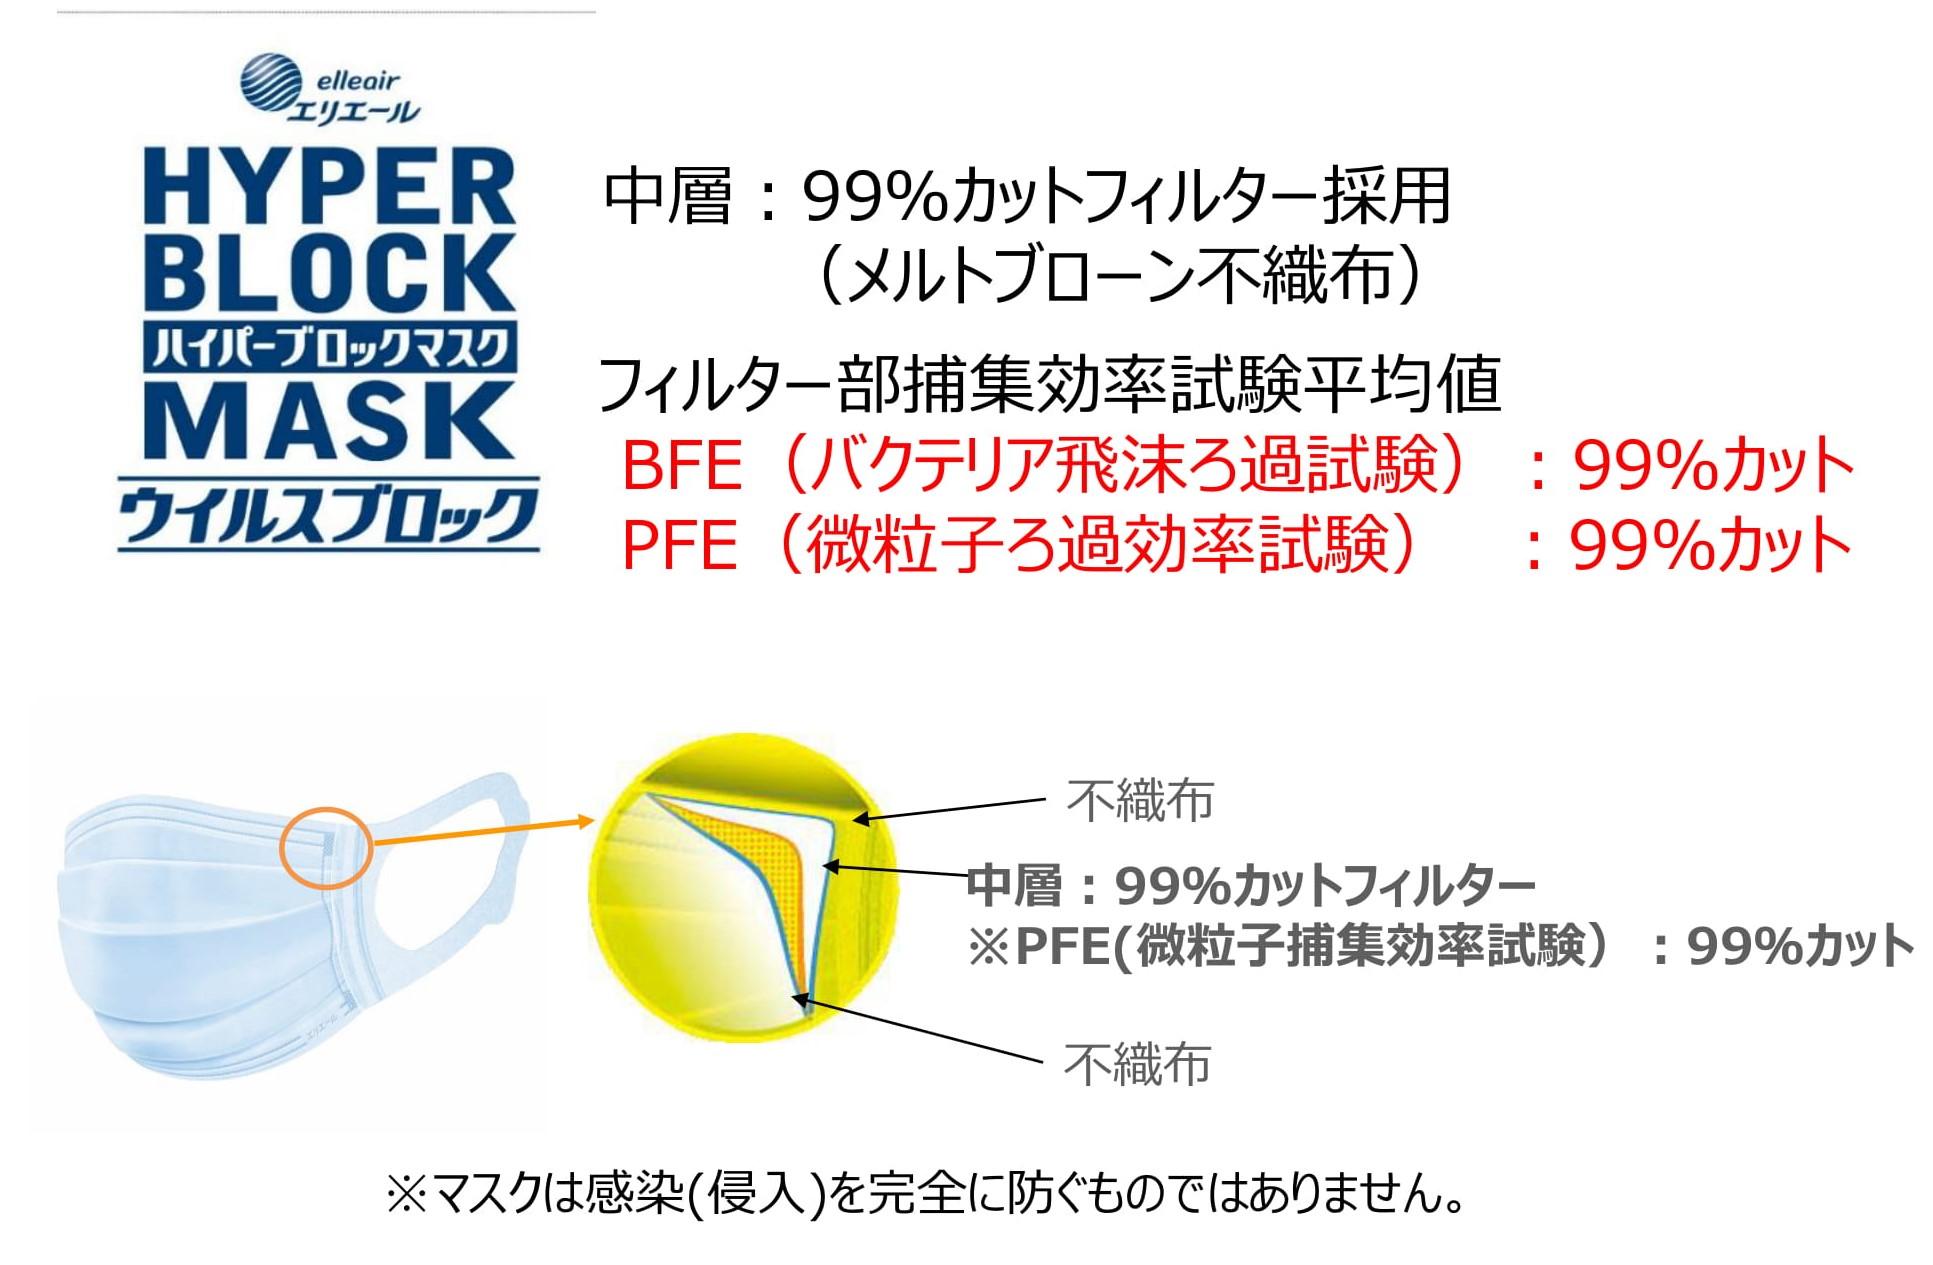 大王 製紙 マスク